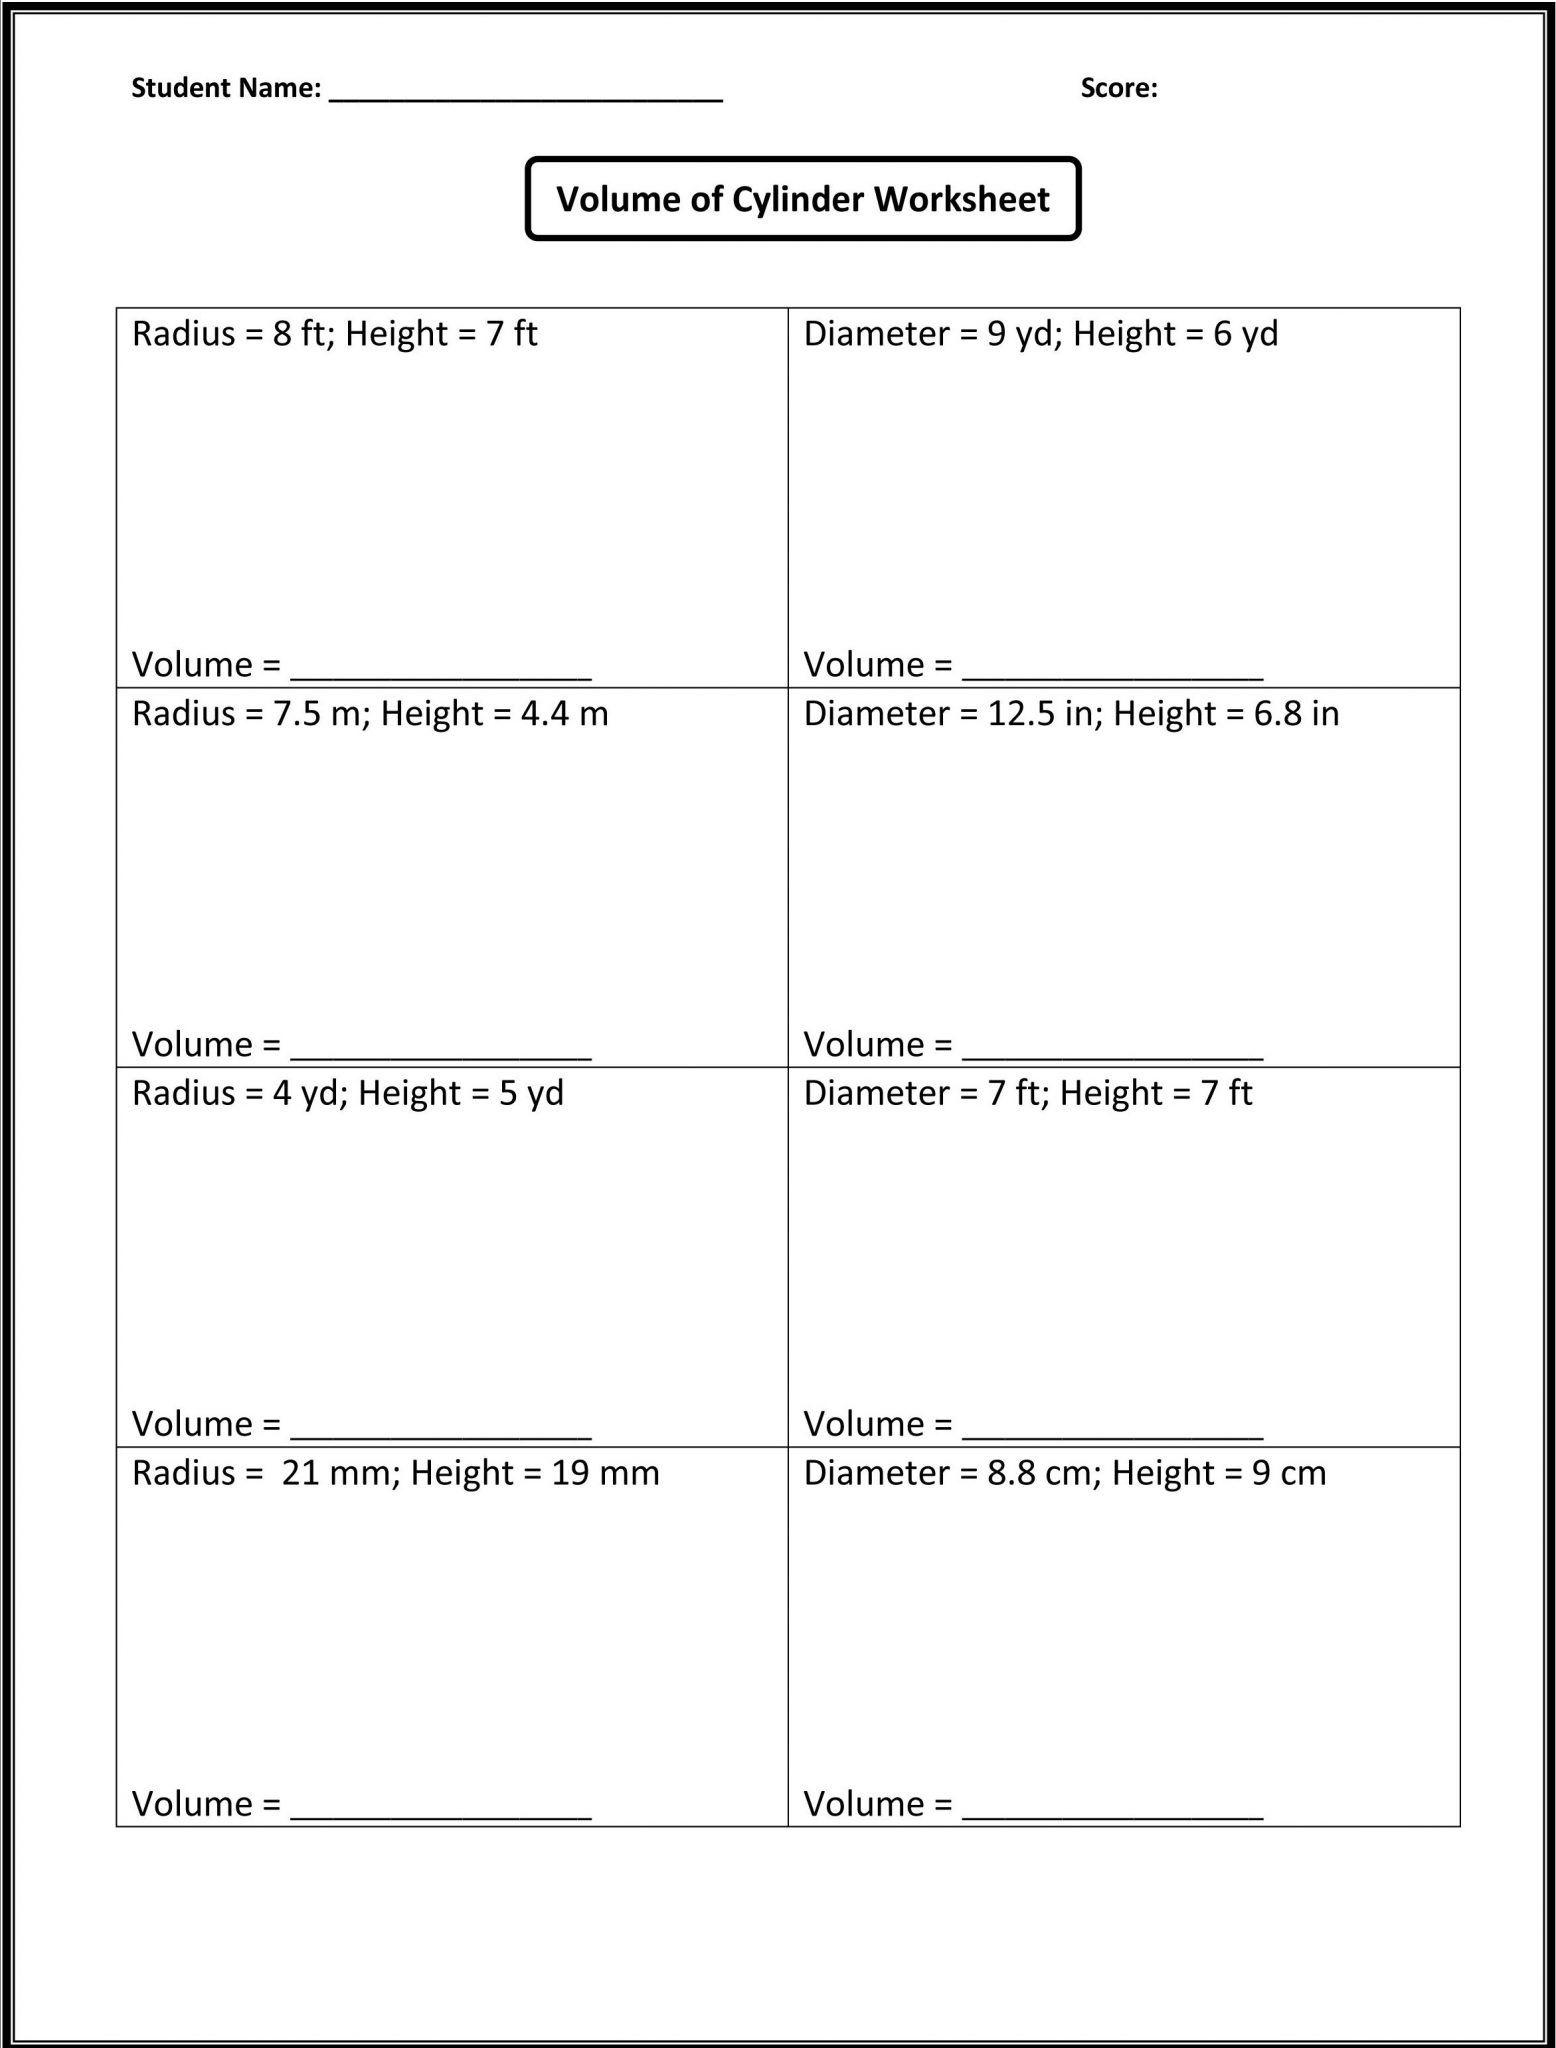 8th Grade Math Worksheets Printable 8th grade math